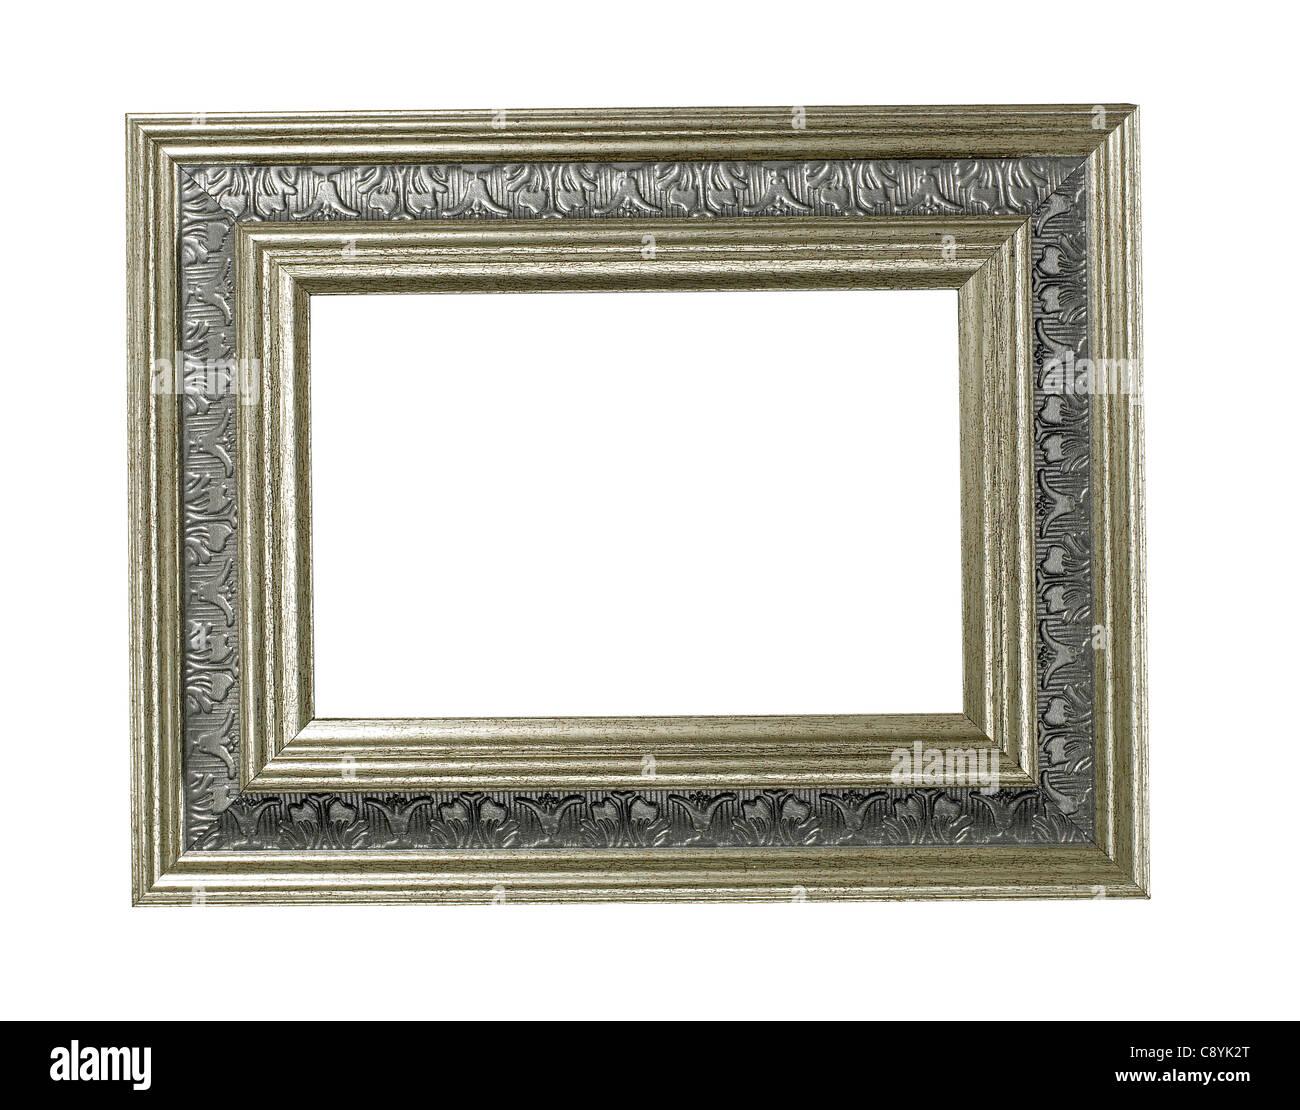 metal frame stockfotos metal frame bilder alamy. Black Bedroom Furniture Sets. Home Design Ideas